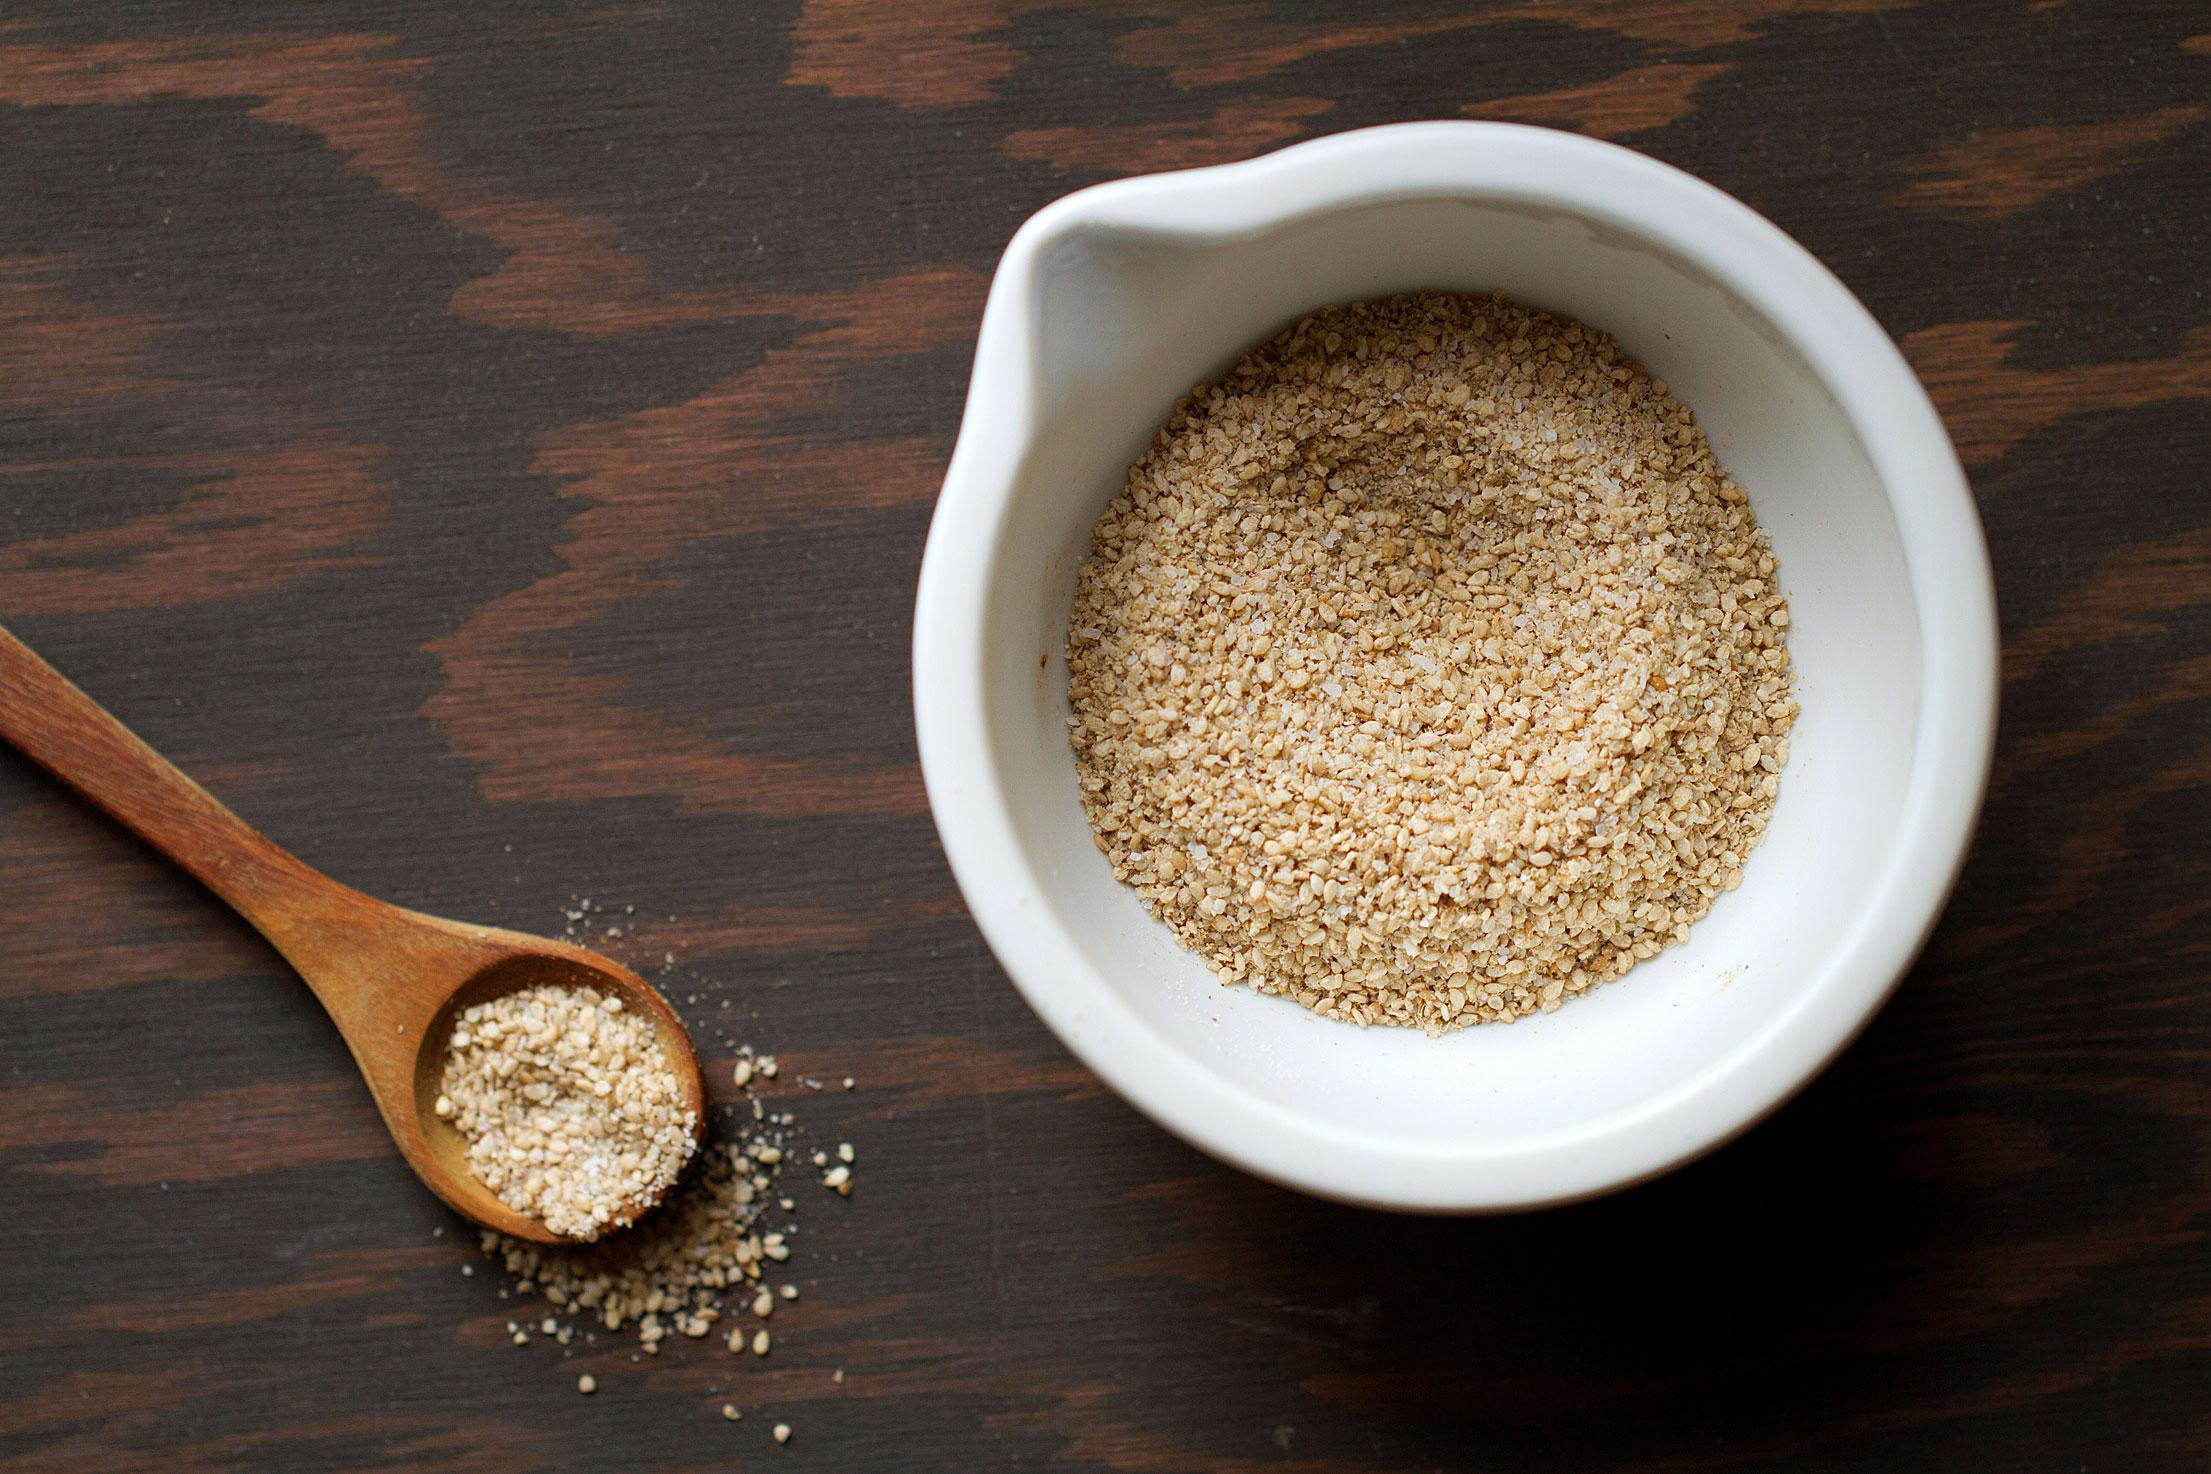 Goshimo Spice Blend